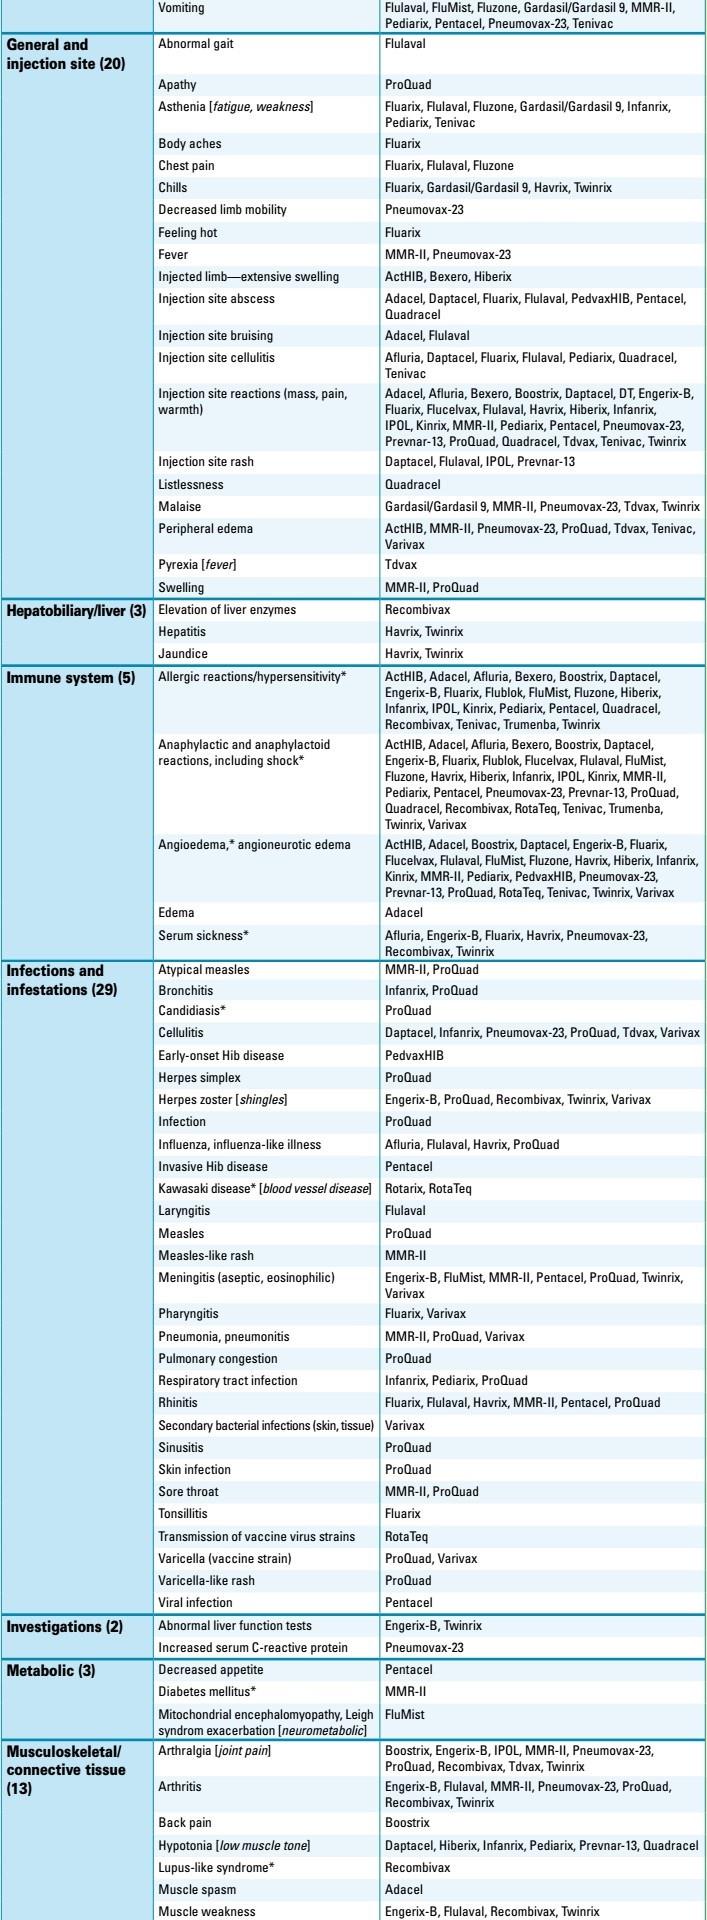 Tabulka 2 - Nežádoucí účinky hlášené v příbalových informacích